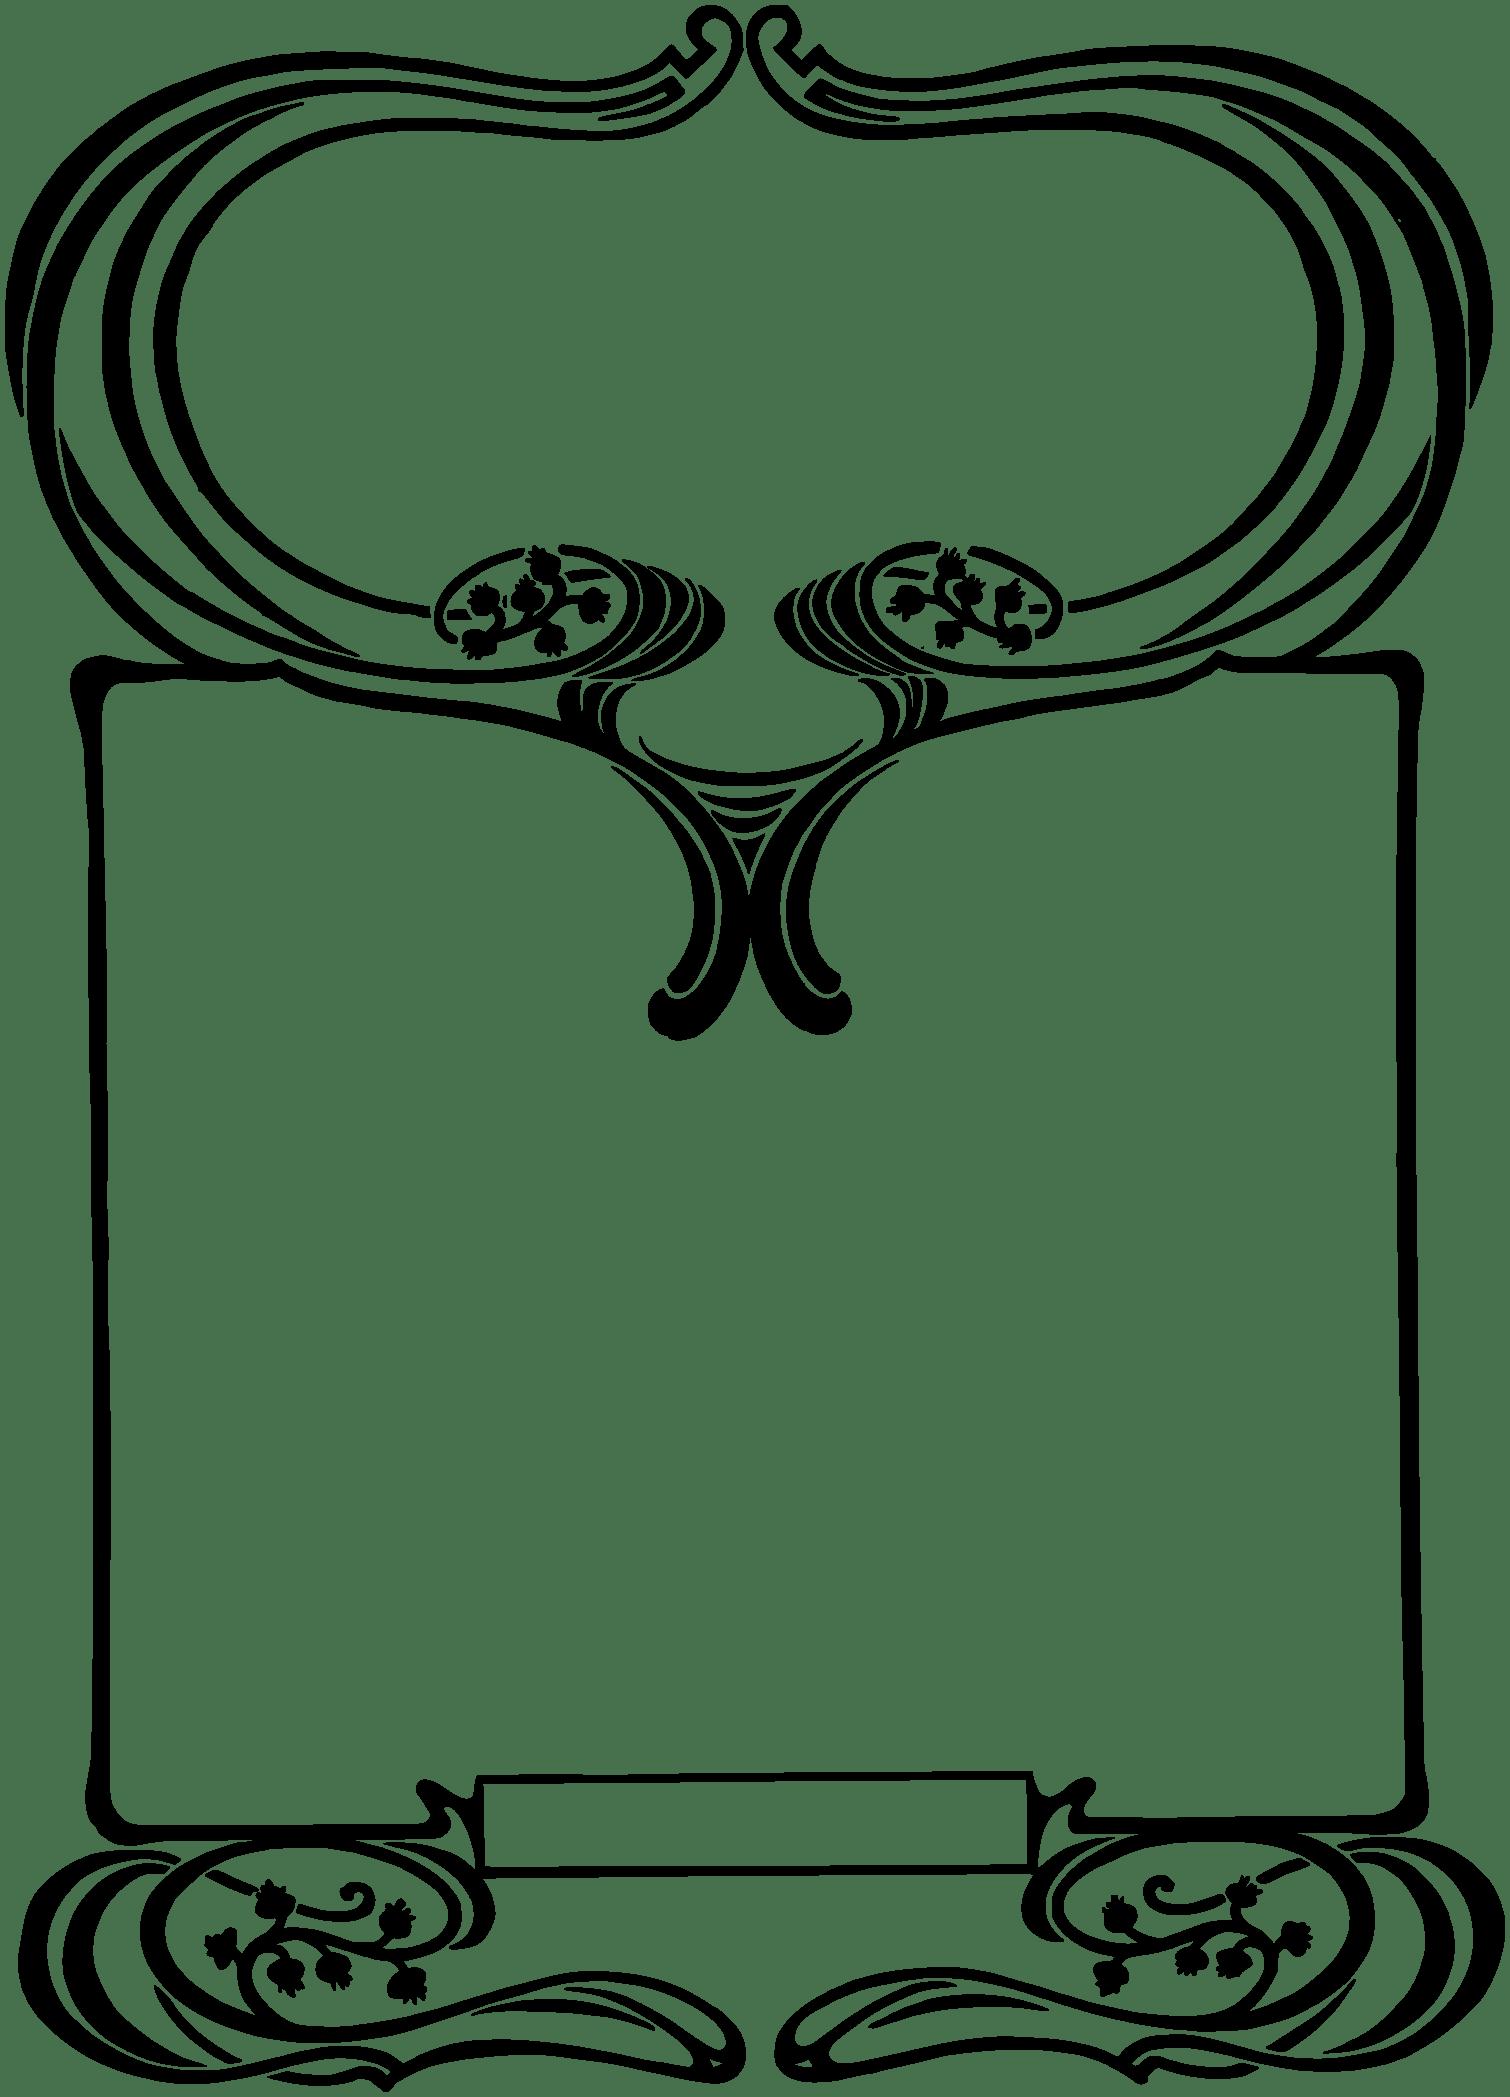 clip art transparent download Art nouveau clipart. Royalty free stock vector